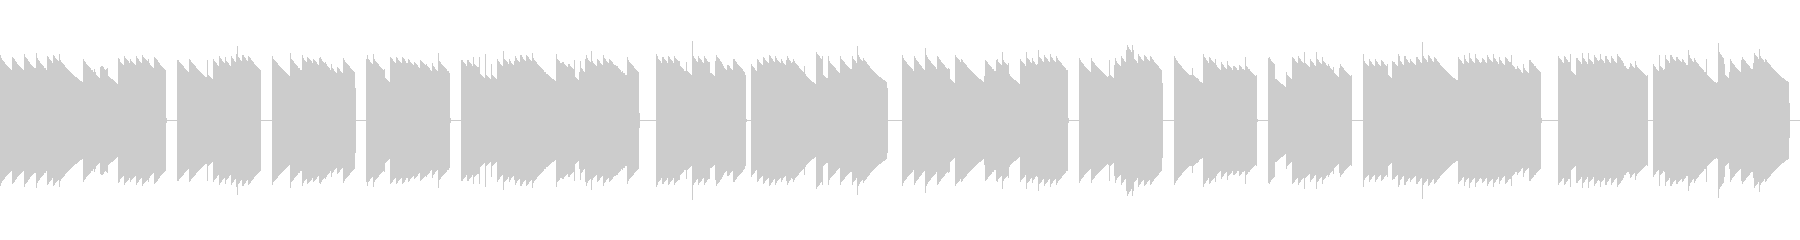 歩行者用信号機の音_とおりゃんせ_01+の未再生の波形